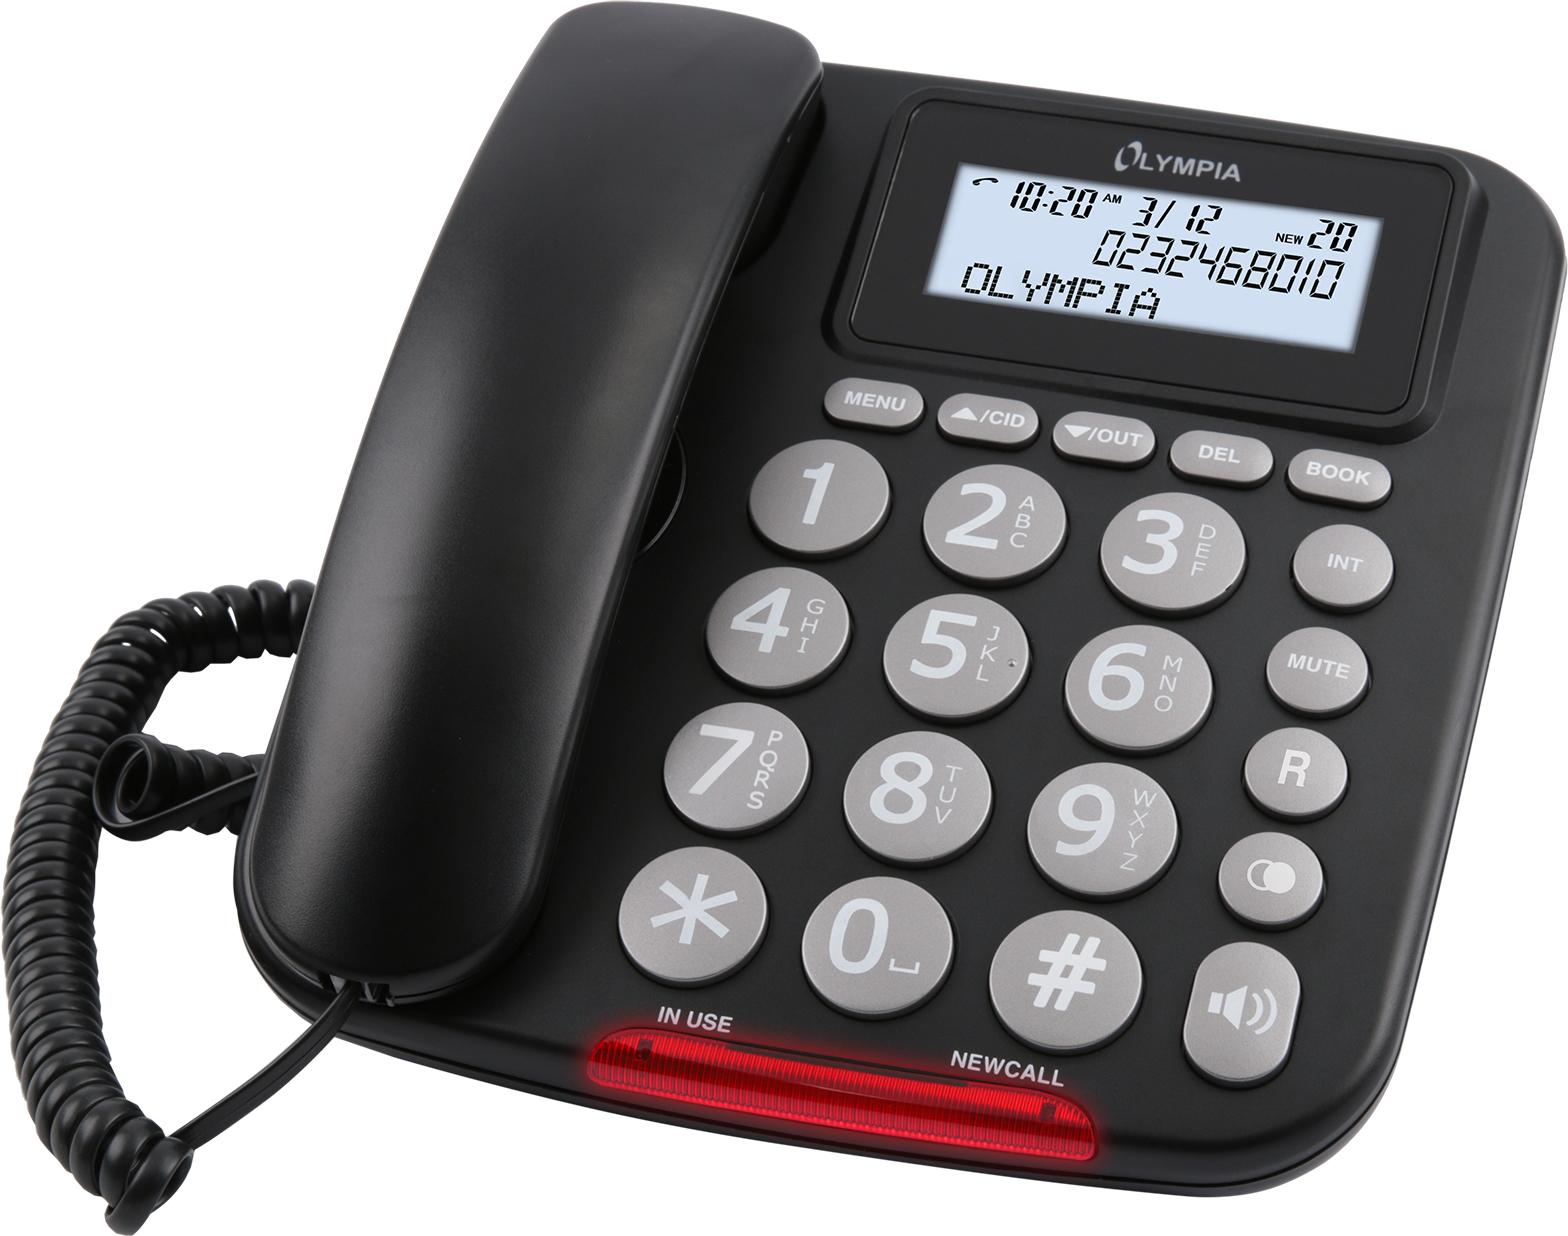 Olympia Telefon 5050 schnurgebunden